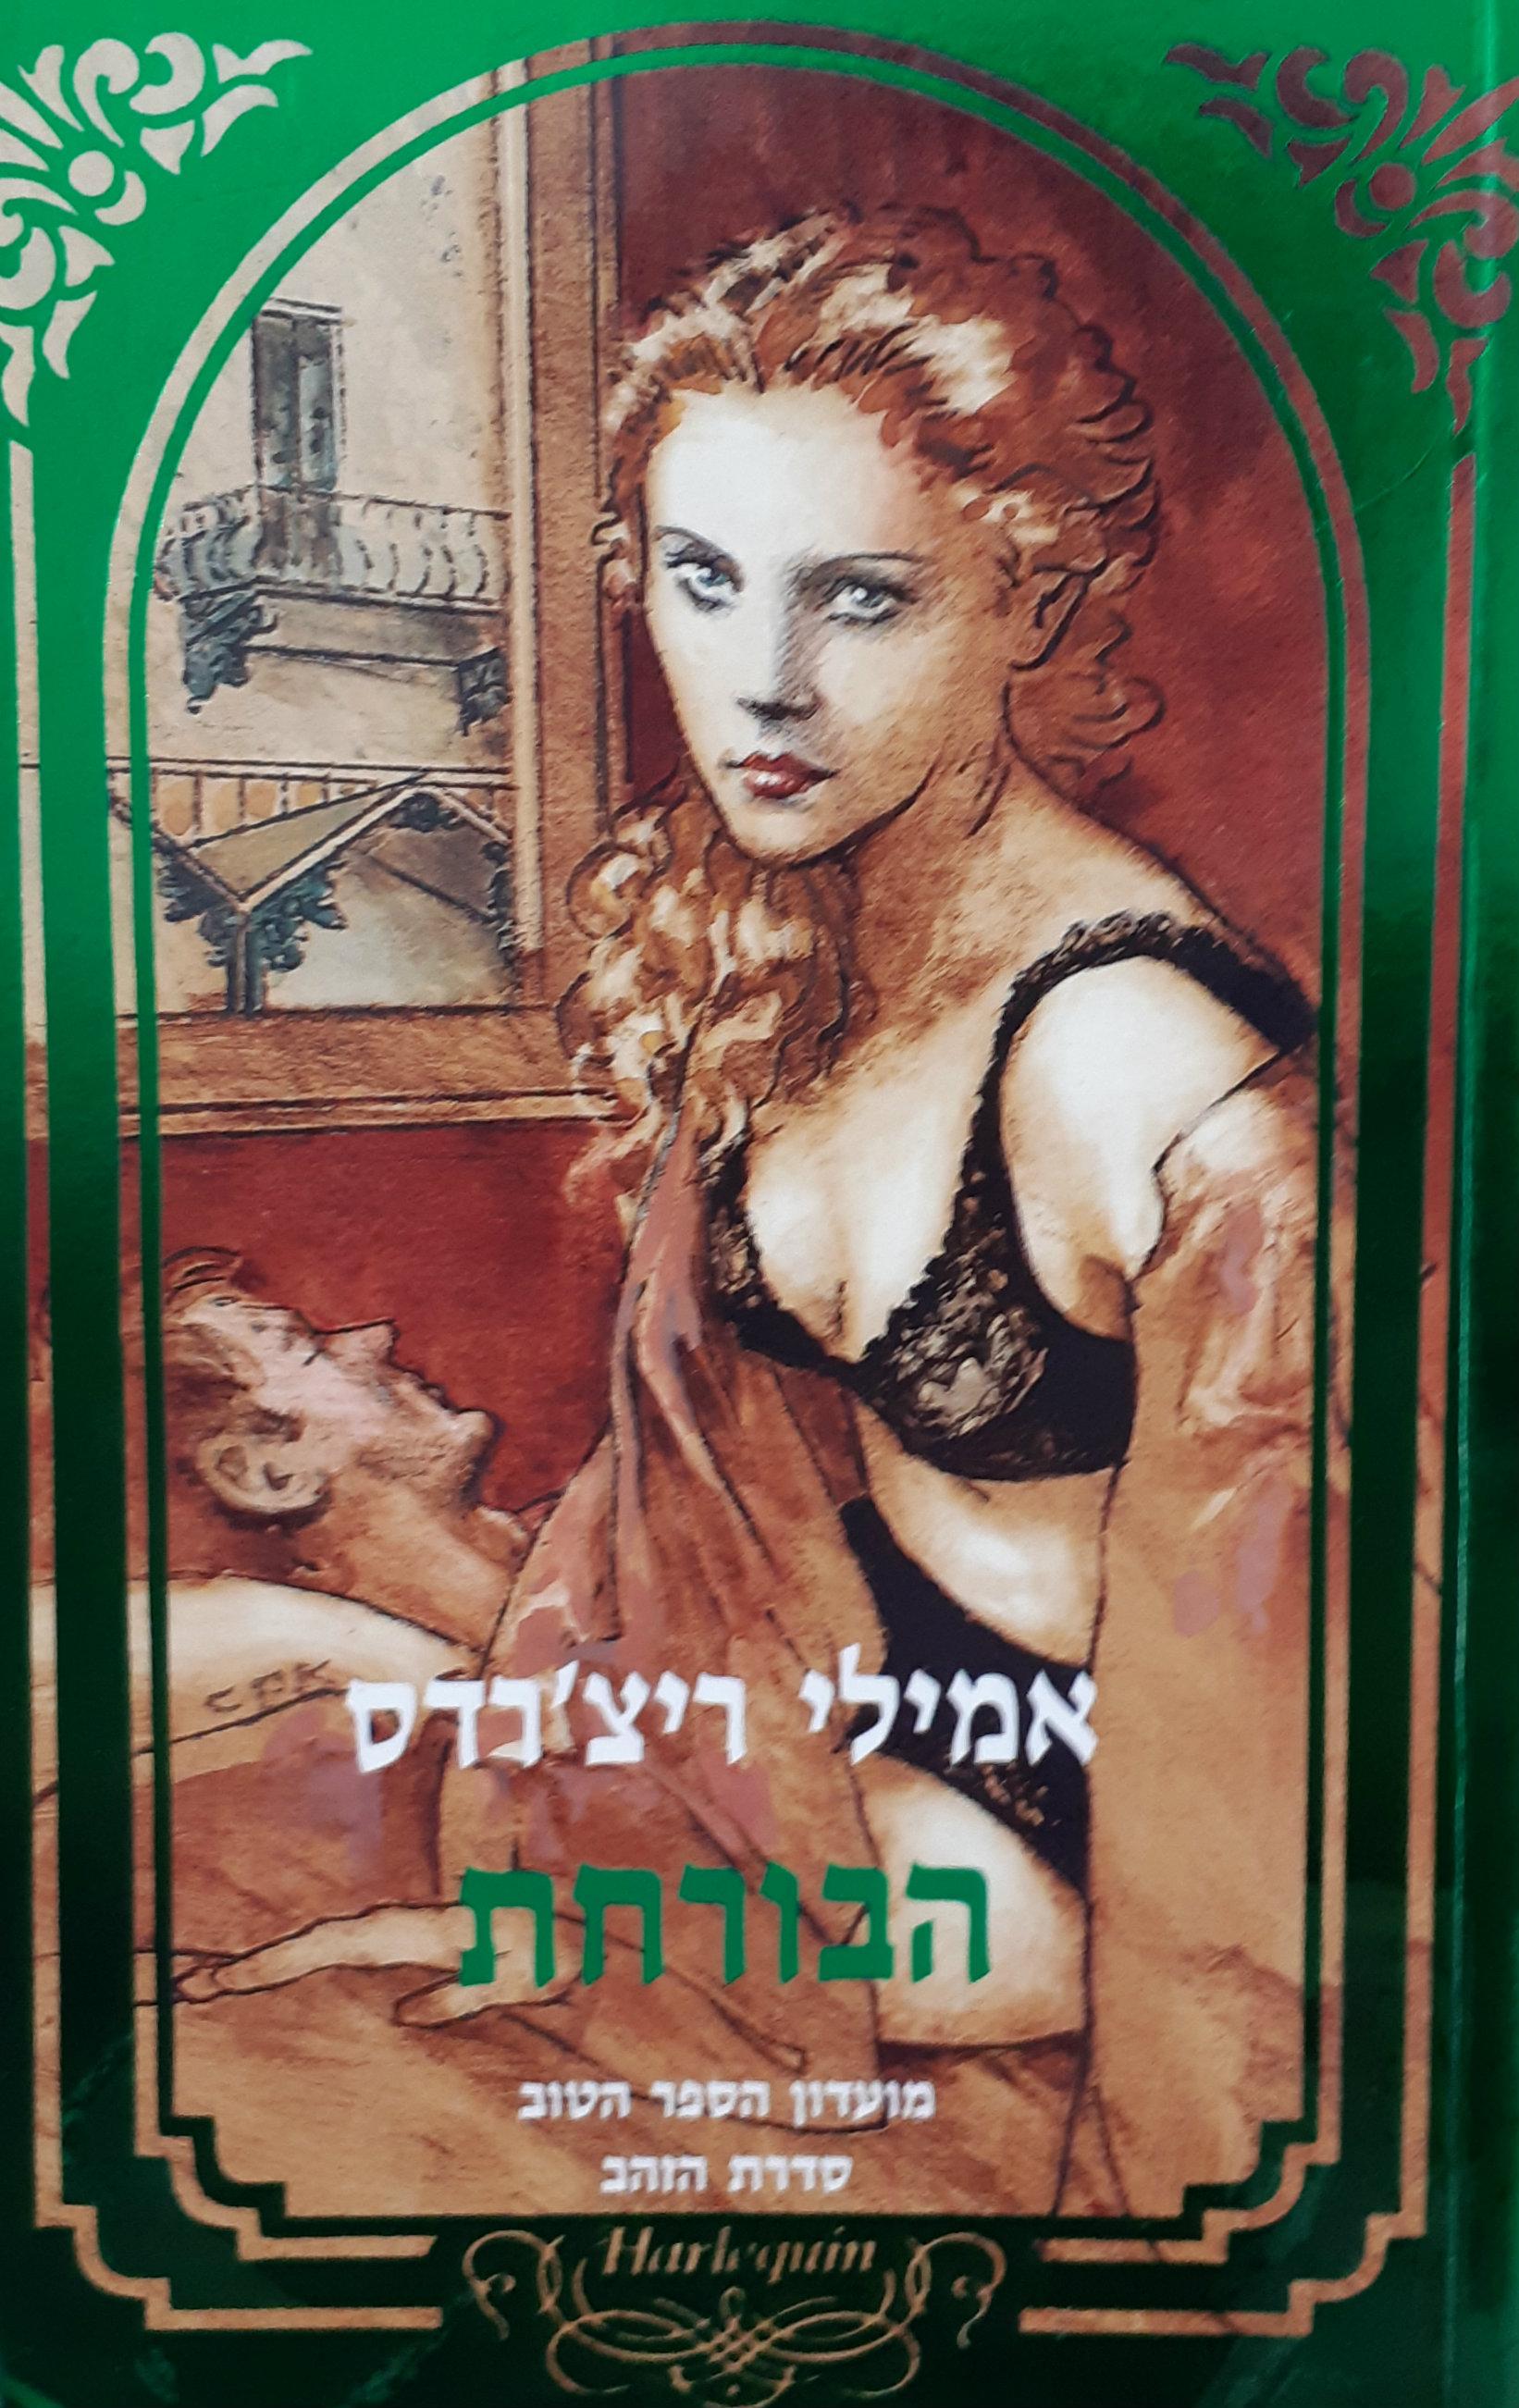 הבורחת - אמילי ריצ'רדס